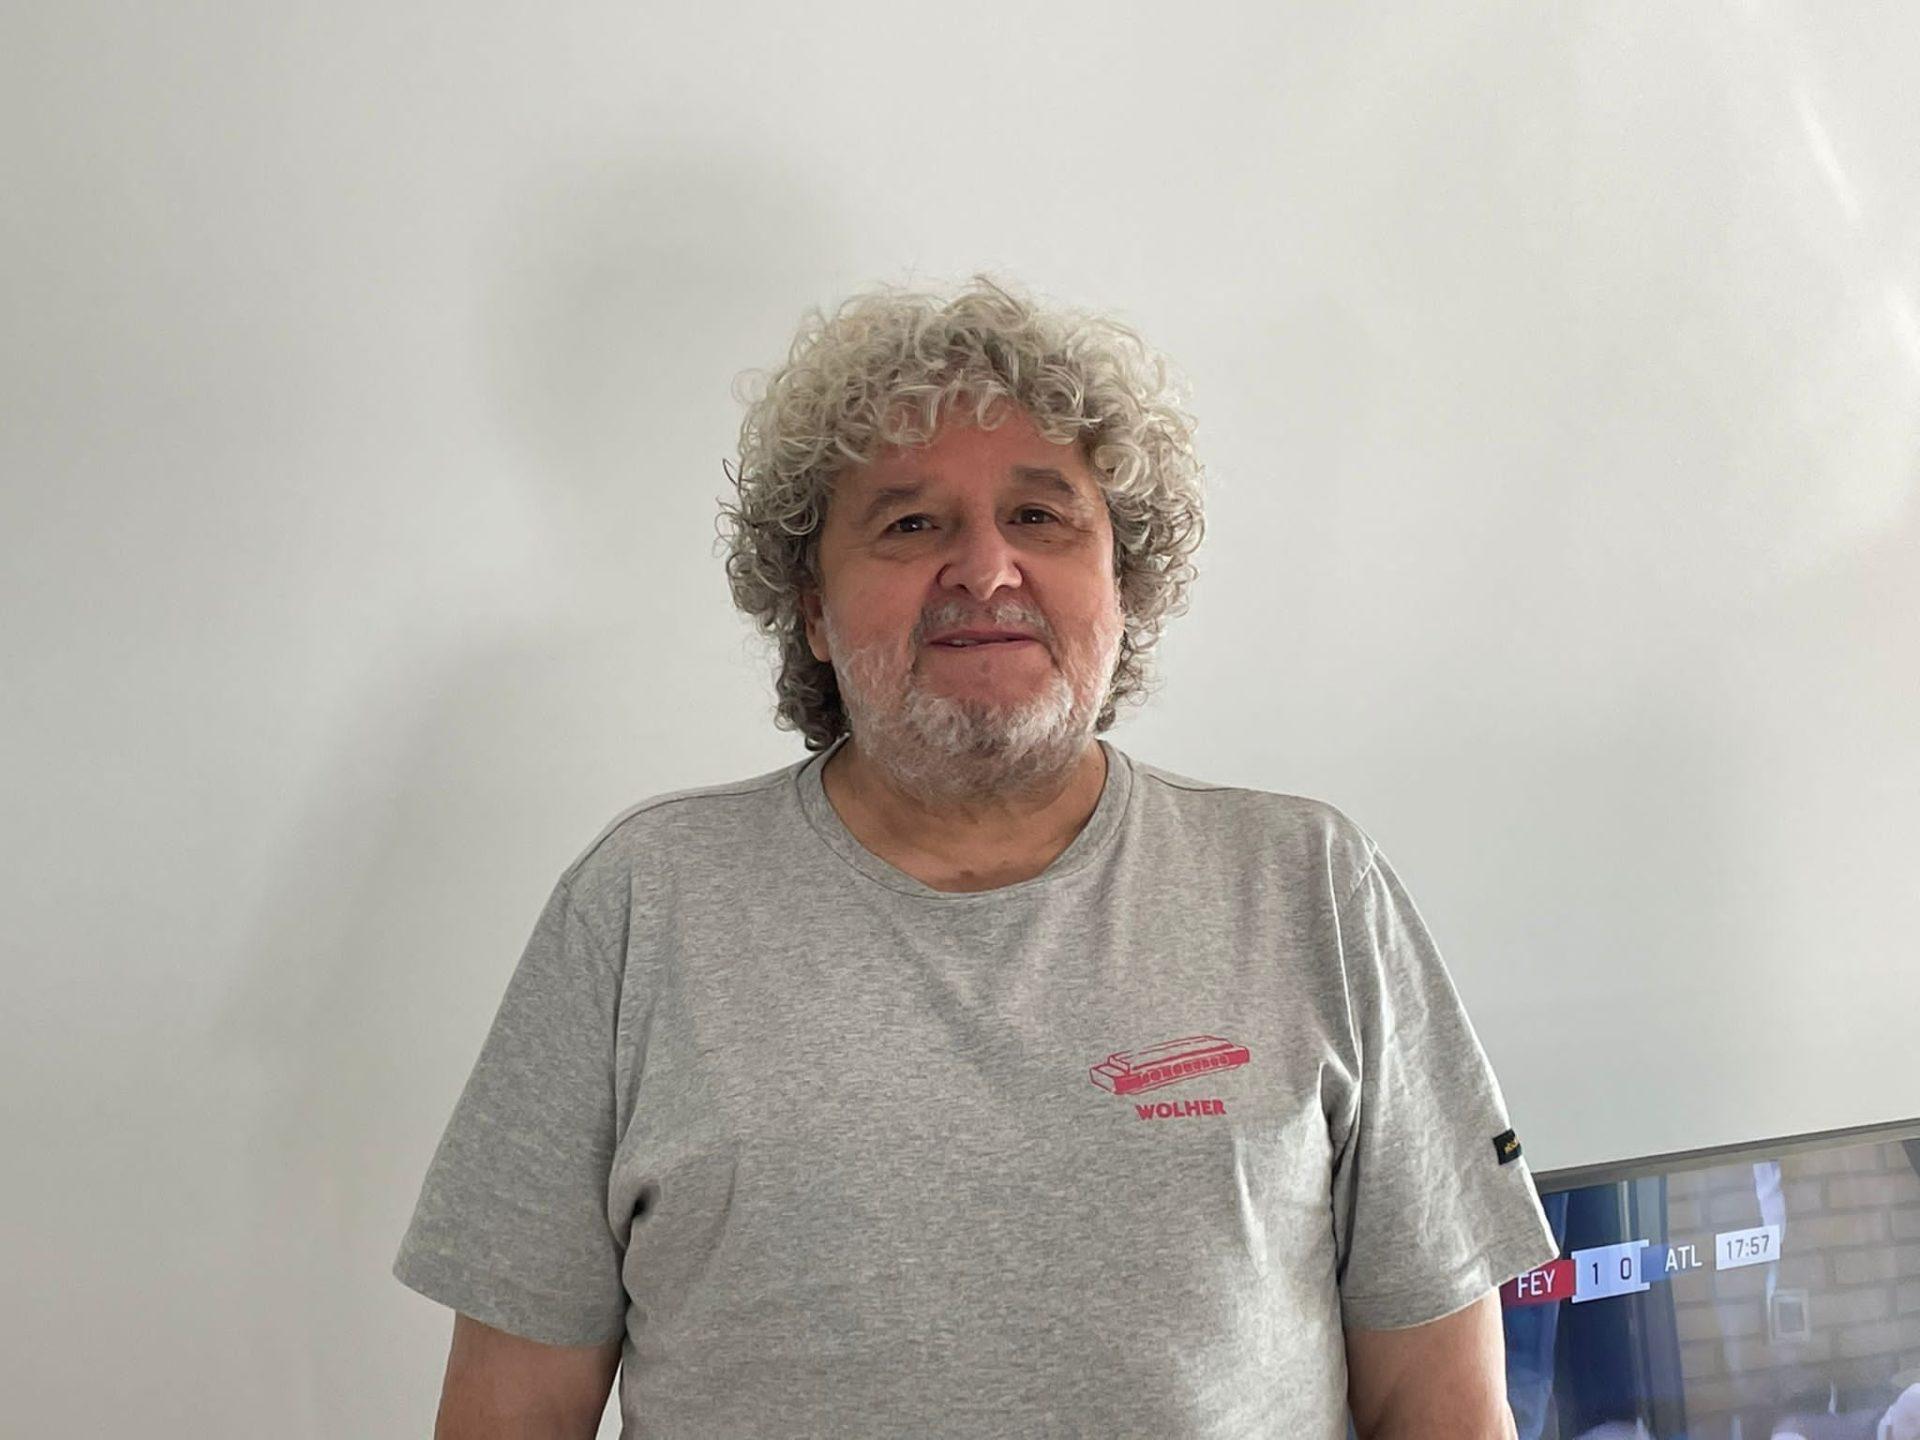 Conocemos a nuestros #Wolherbats: Julio Ruiz Llorente, uno de los mayores referentes de la música indie